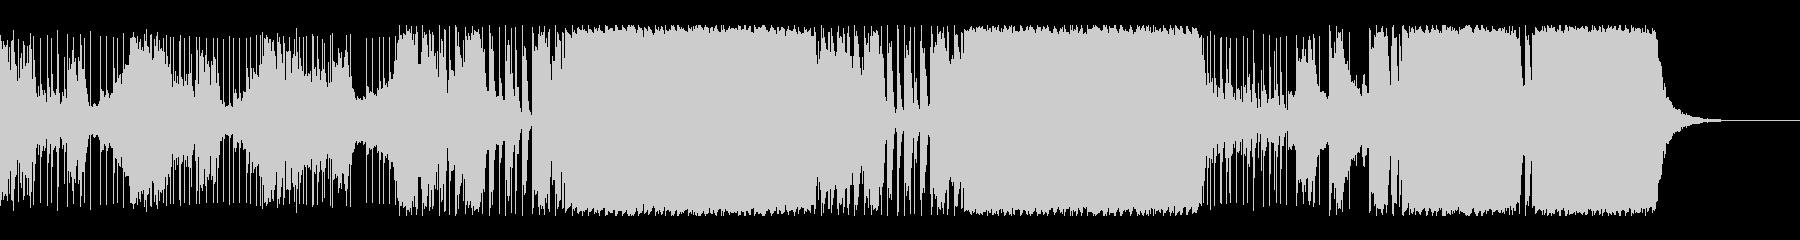 実験的な 不思議 奇妙 シンセサイ...の未再生の波形